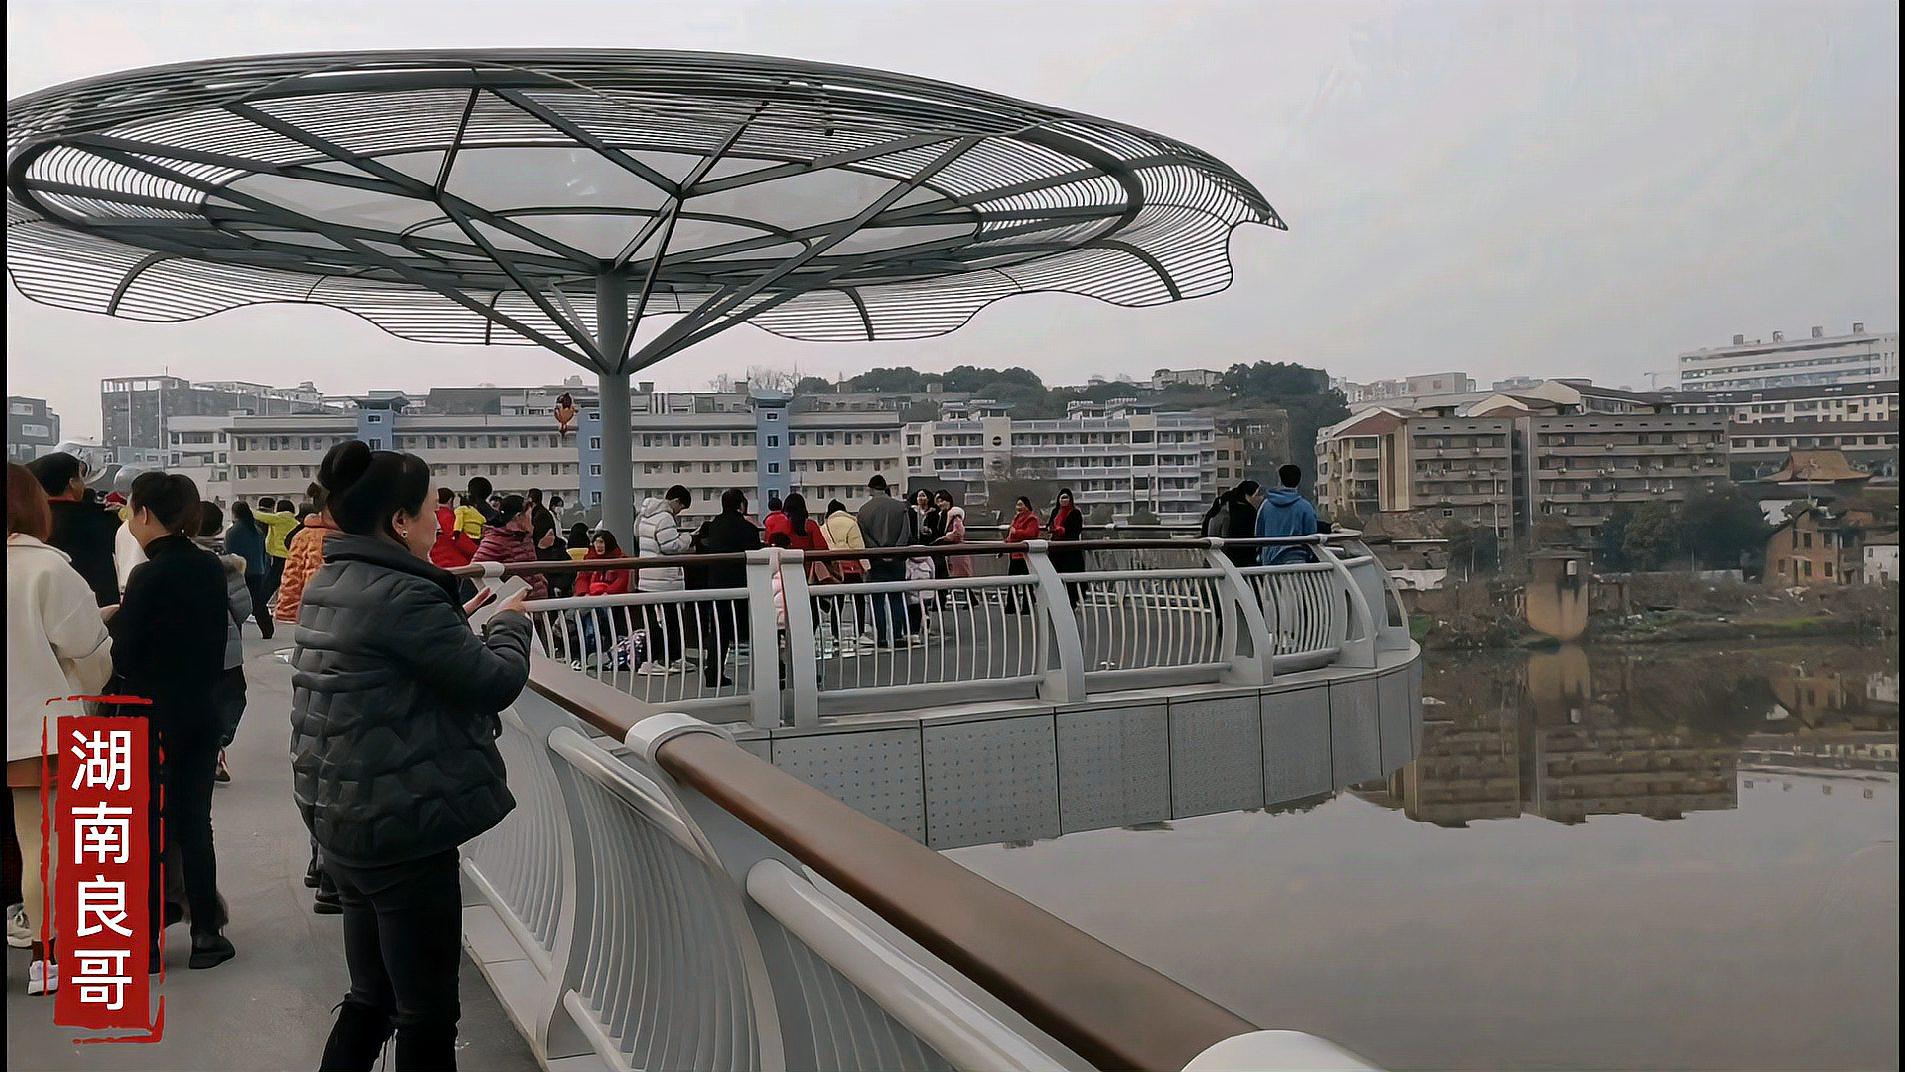 醴陵网红打卡圣地青云桥,春节回来的老乡聚集人潮涌动热闹非凡